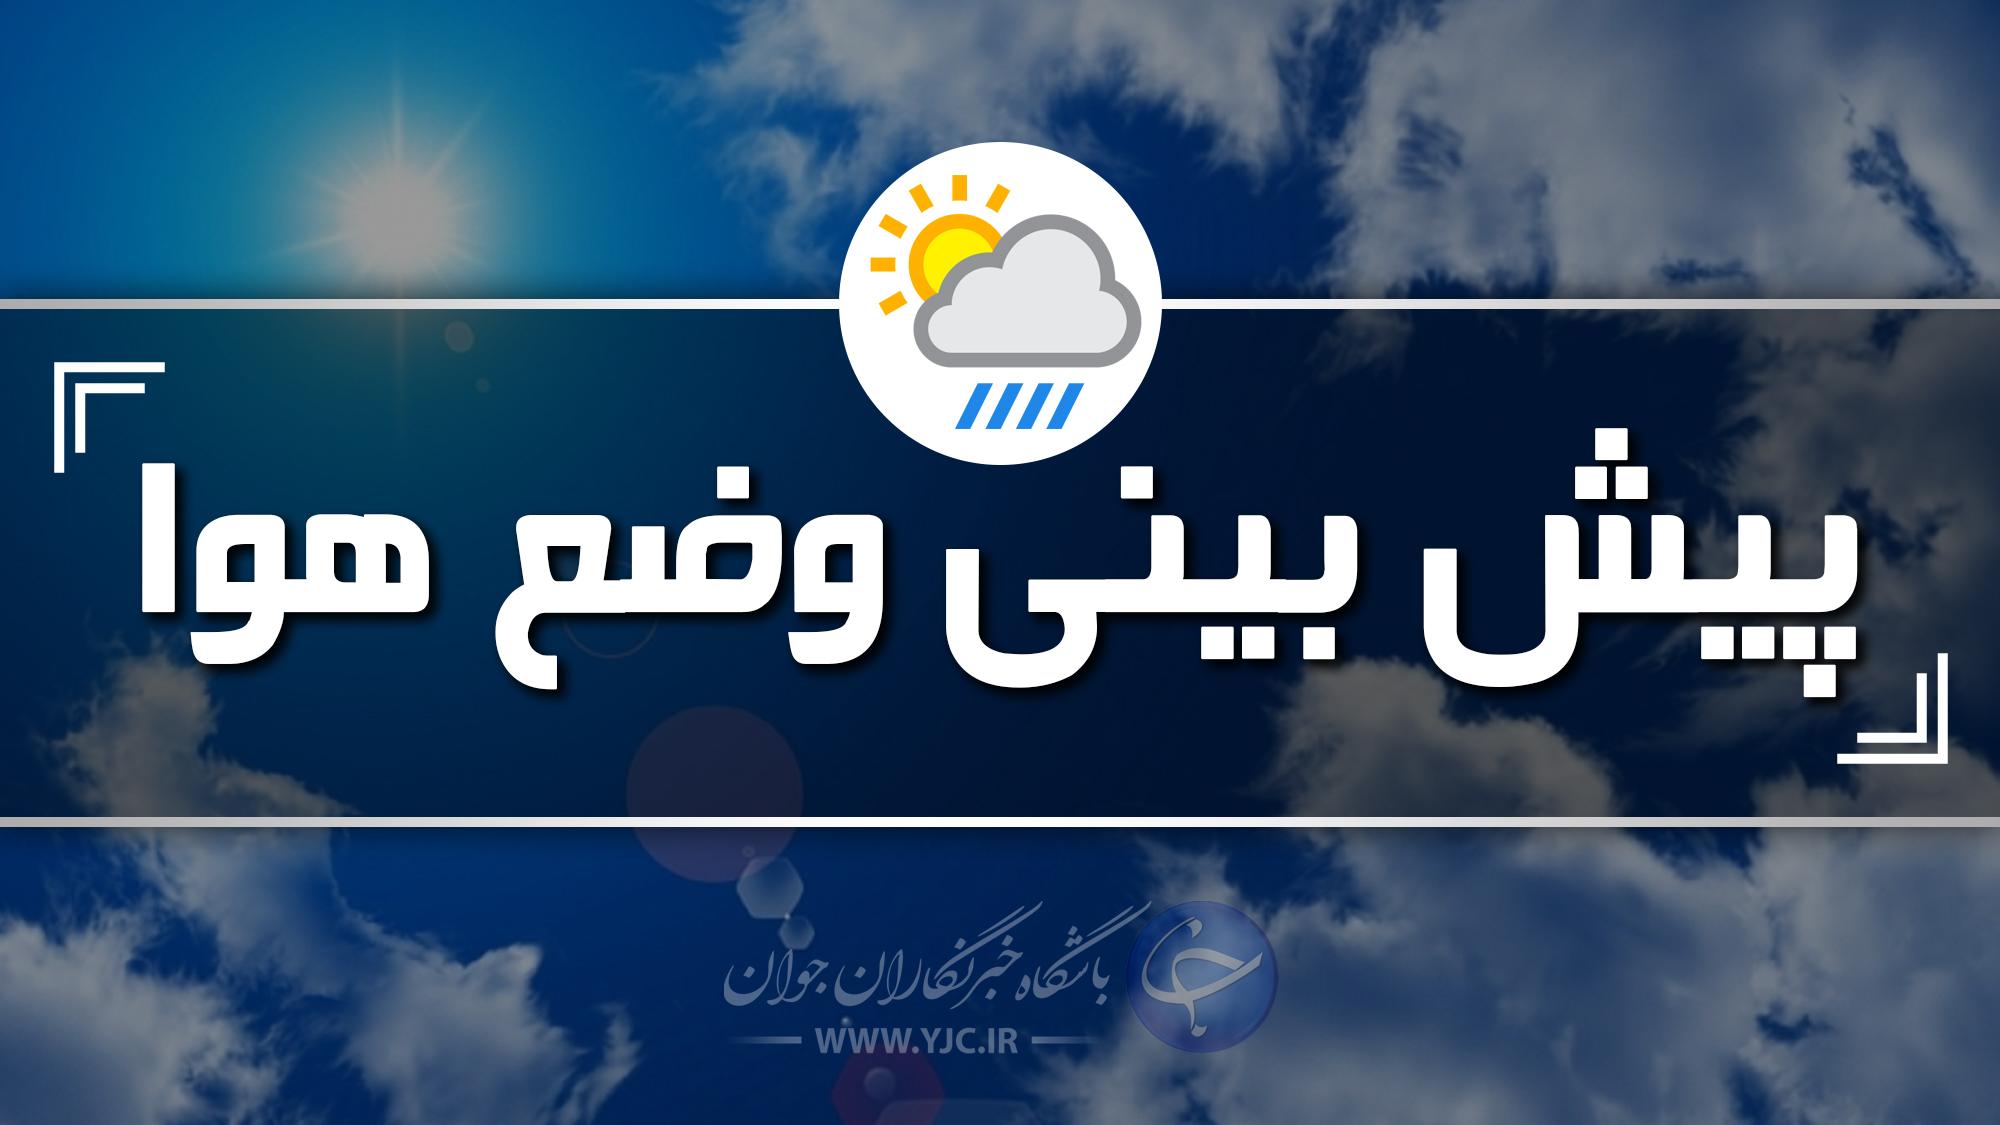 ورود توده بارشی به آسمان کردستان/کاهش دمای هوا ادامه دارد